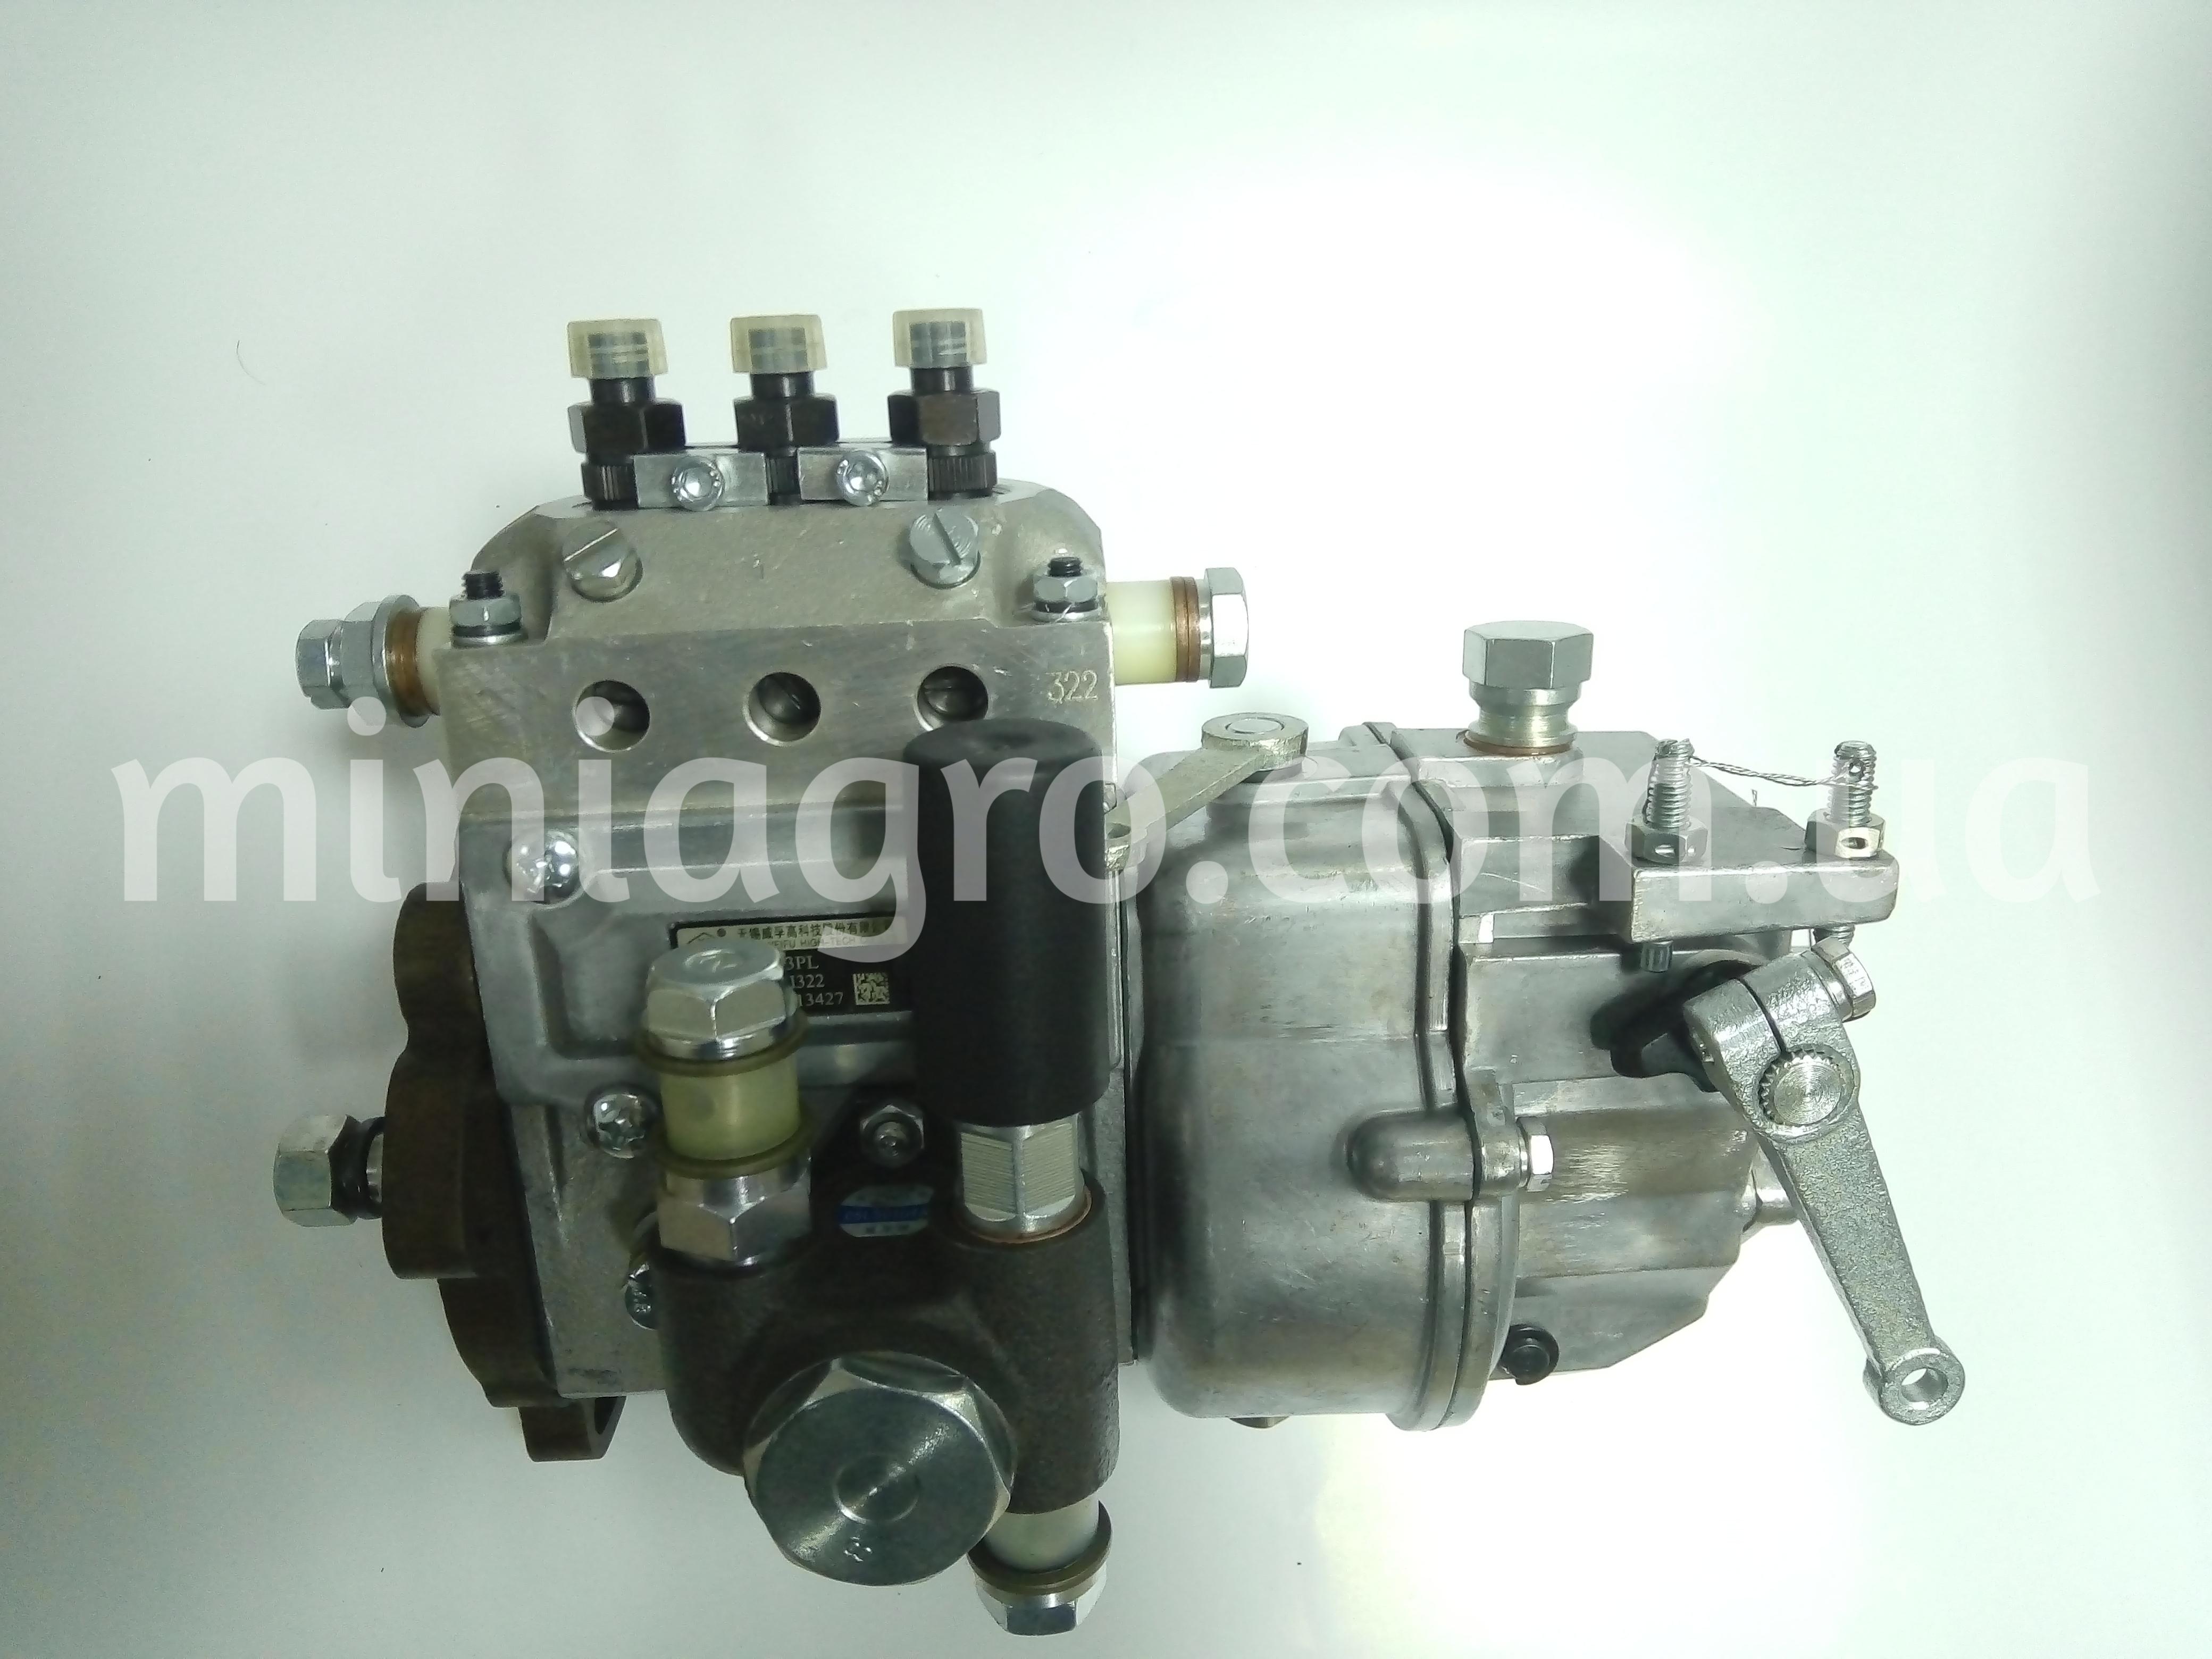 Топливный насос ТНВД двигателя TY-395 для мини-трактора Dong Feng 354, до 2017 г.в.